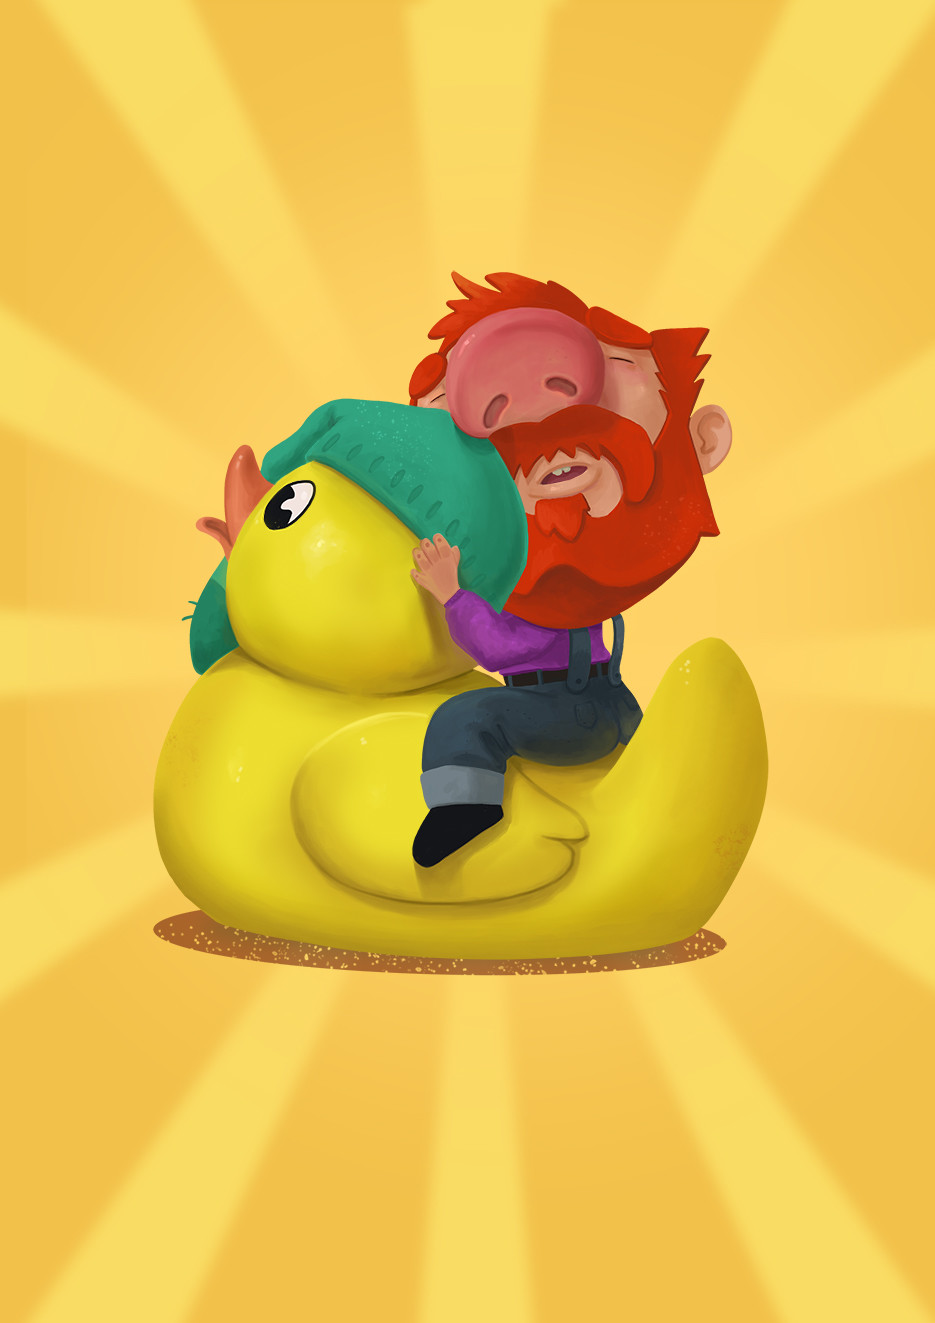 Josh merrick 5 duck